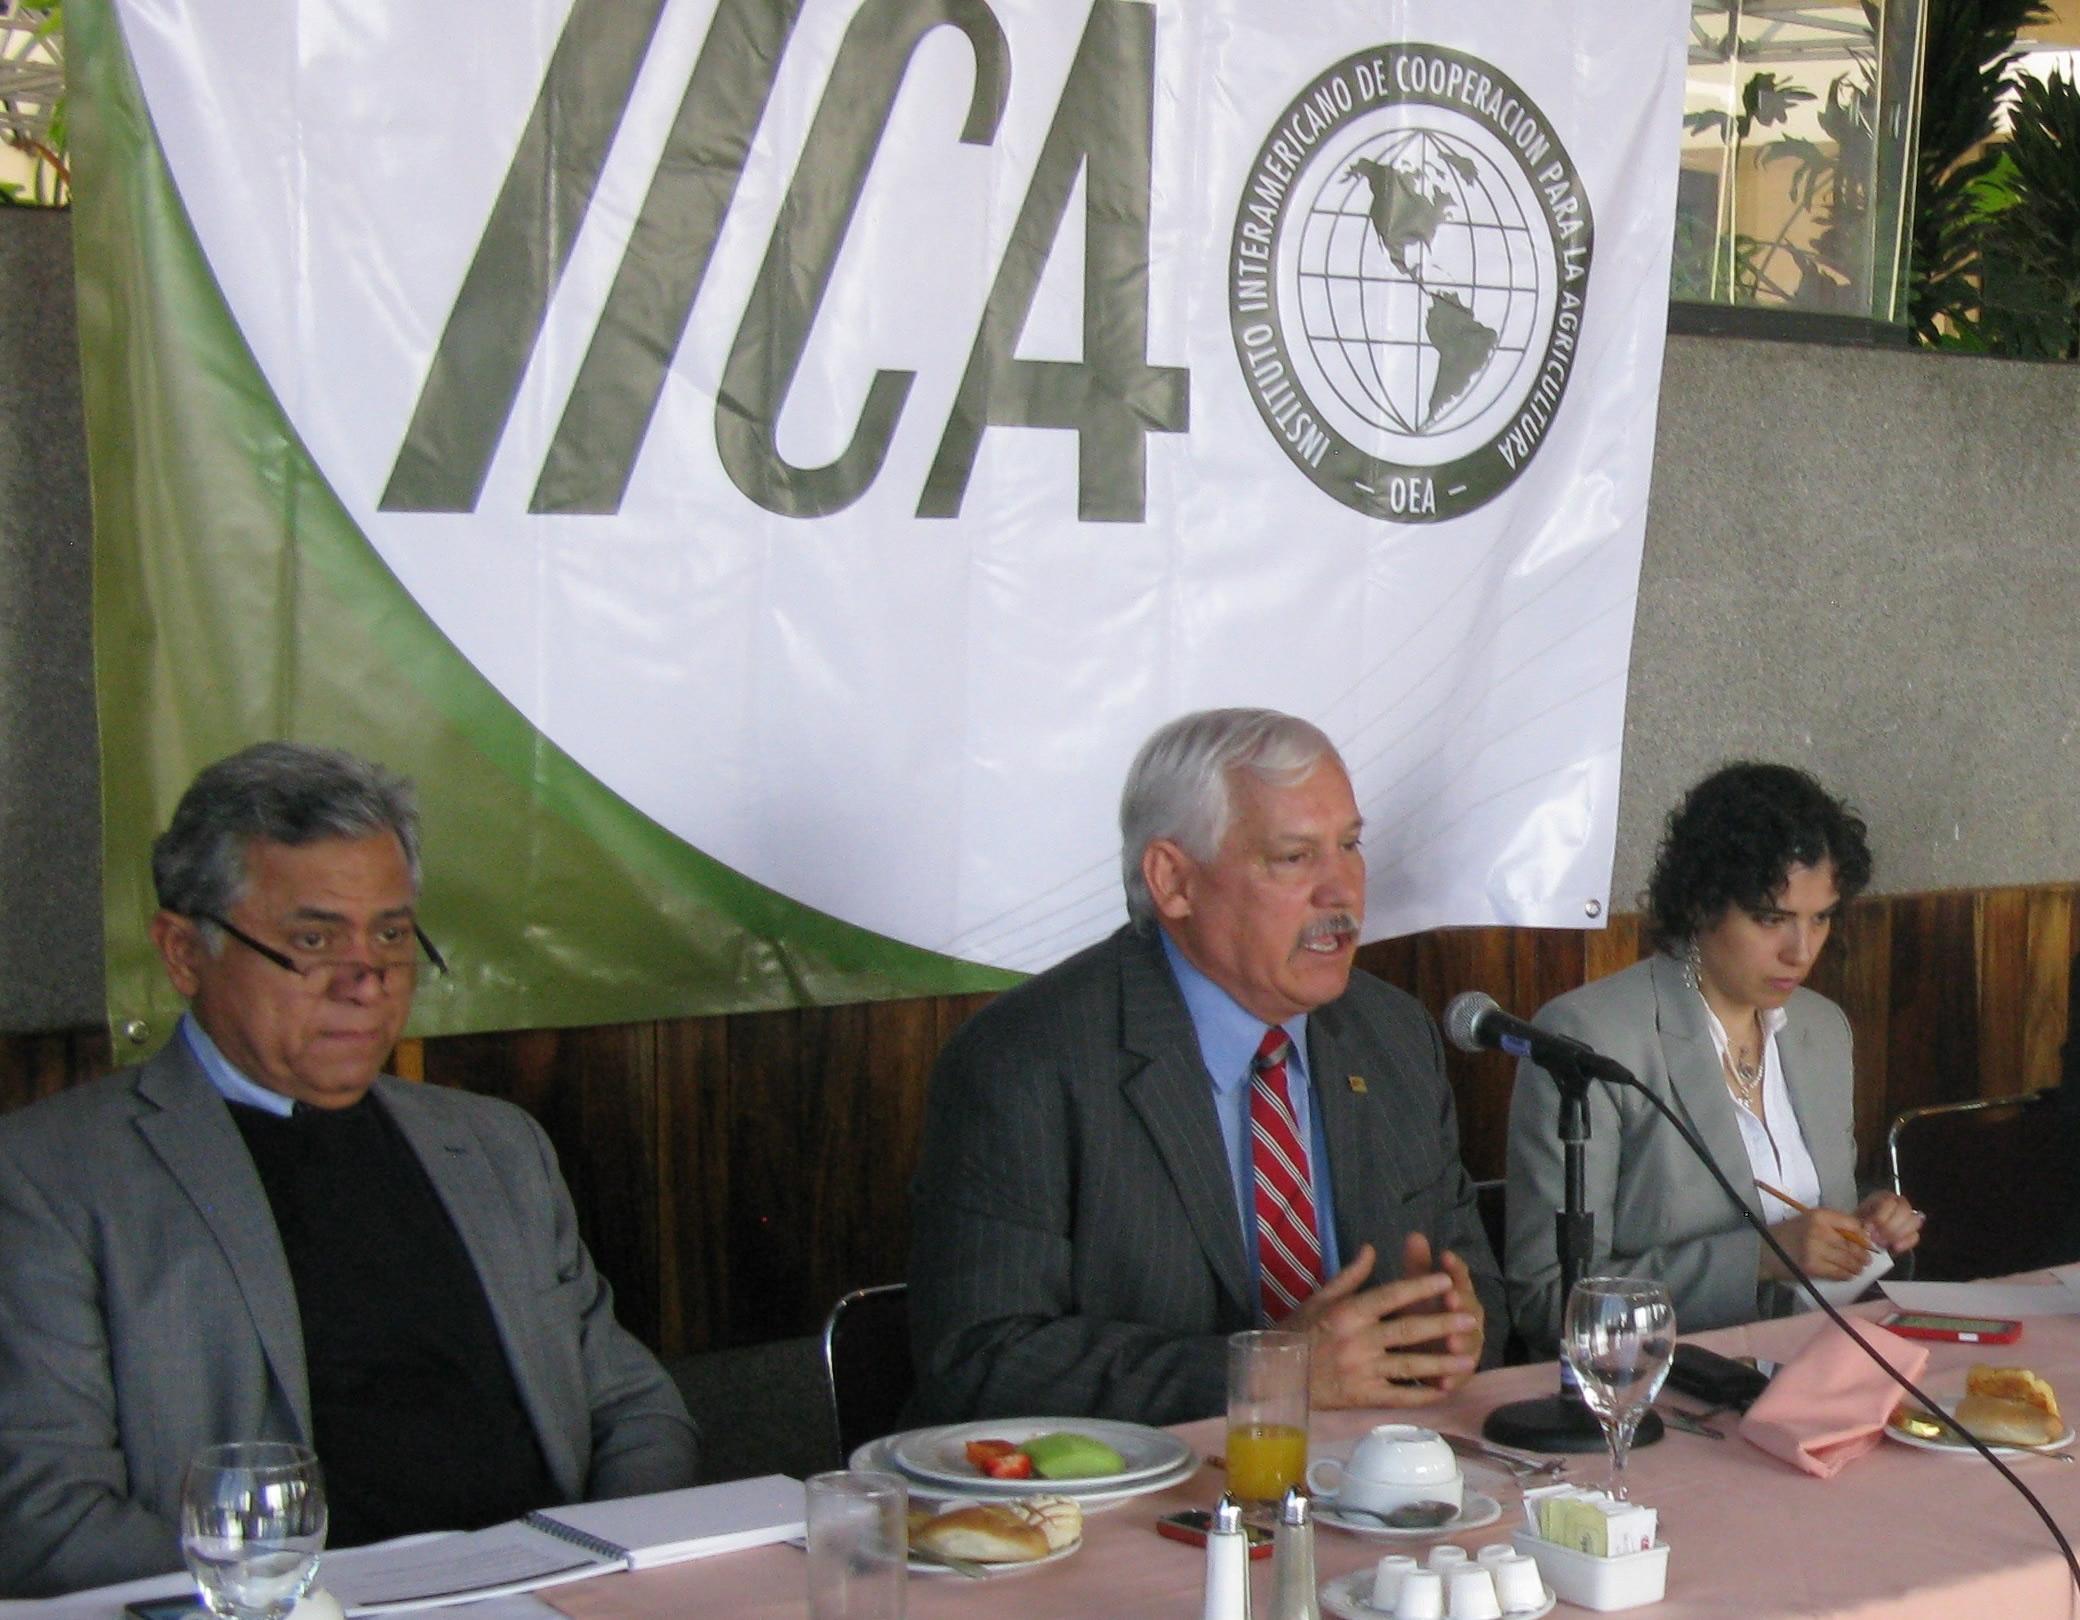 México, a través de la SAGARPA, confirmó su participación, toda vez que a nivel hemisférico se le reconoce su importancia en el manejo y uso de recursos: director general del IICA, Víctor Villalobos Arambula.